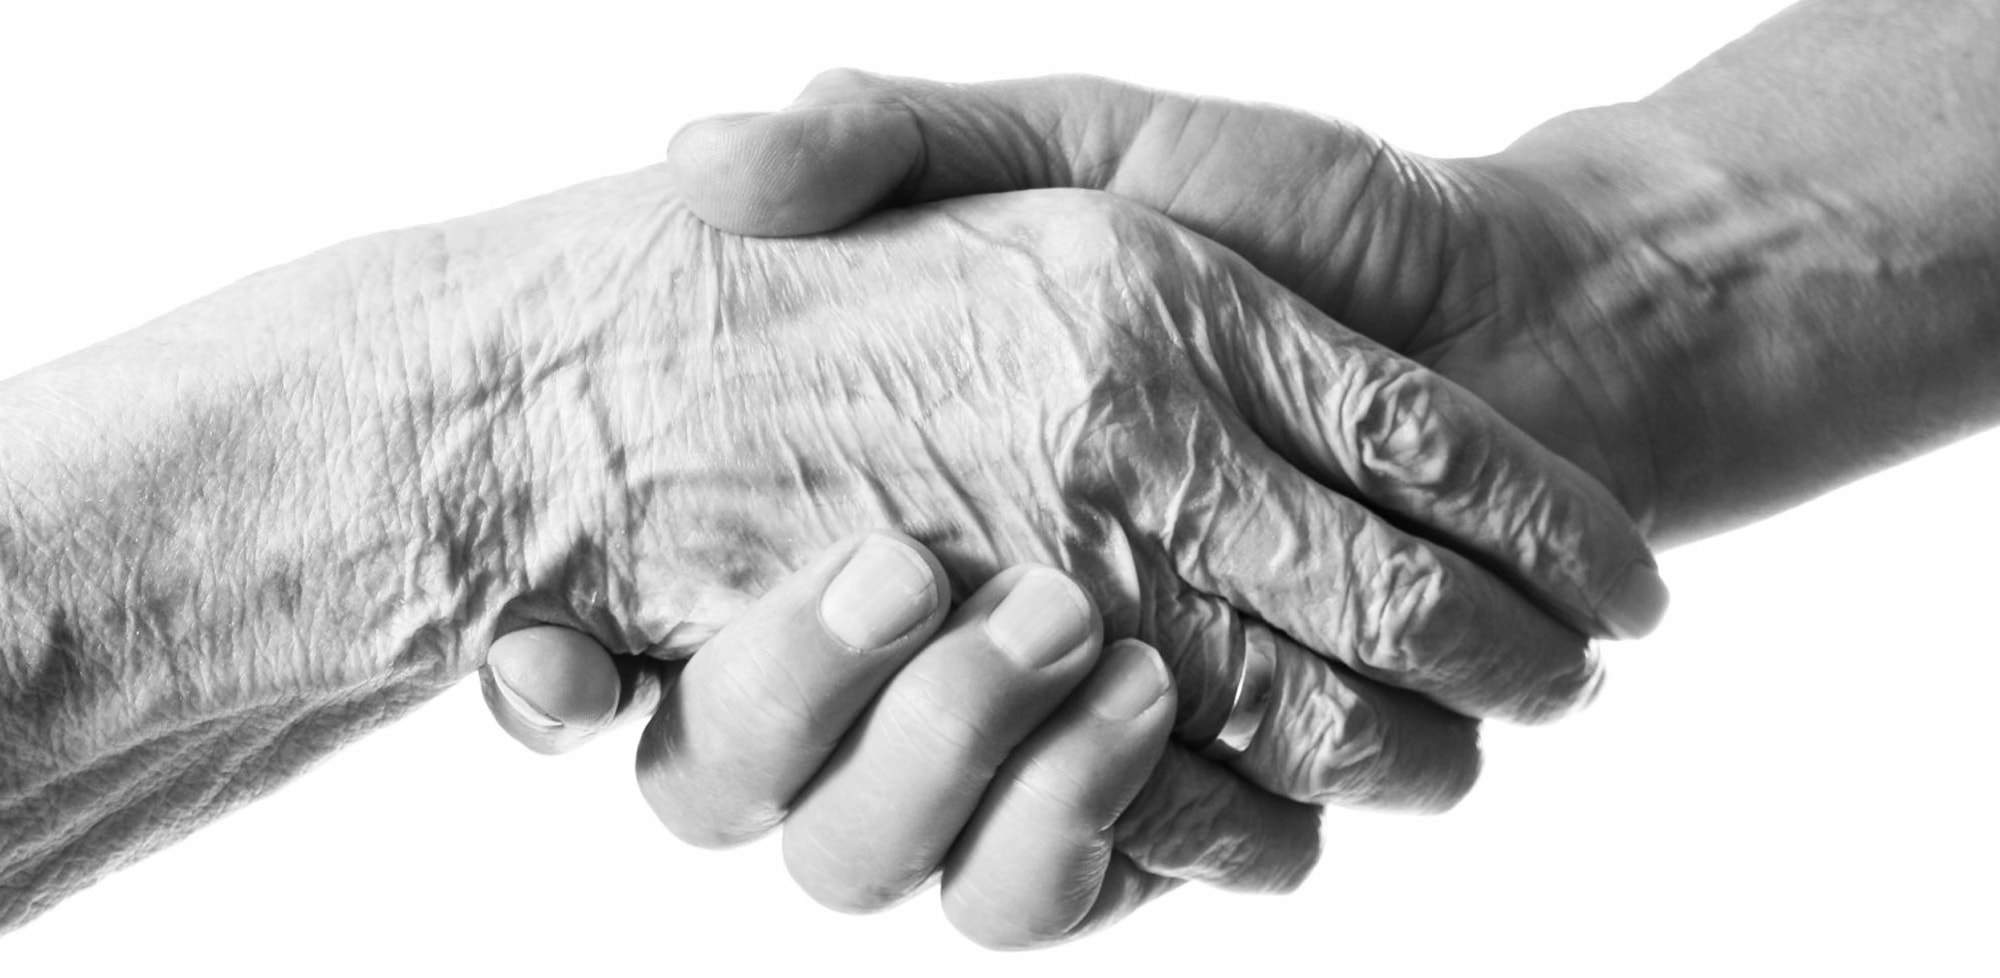 Envejecimiento: Investigación y futuro inmediato | Diálogos desde la Frontera #53